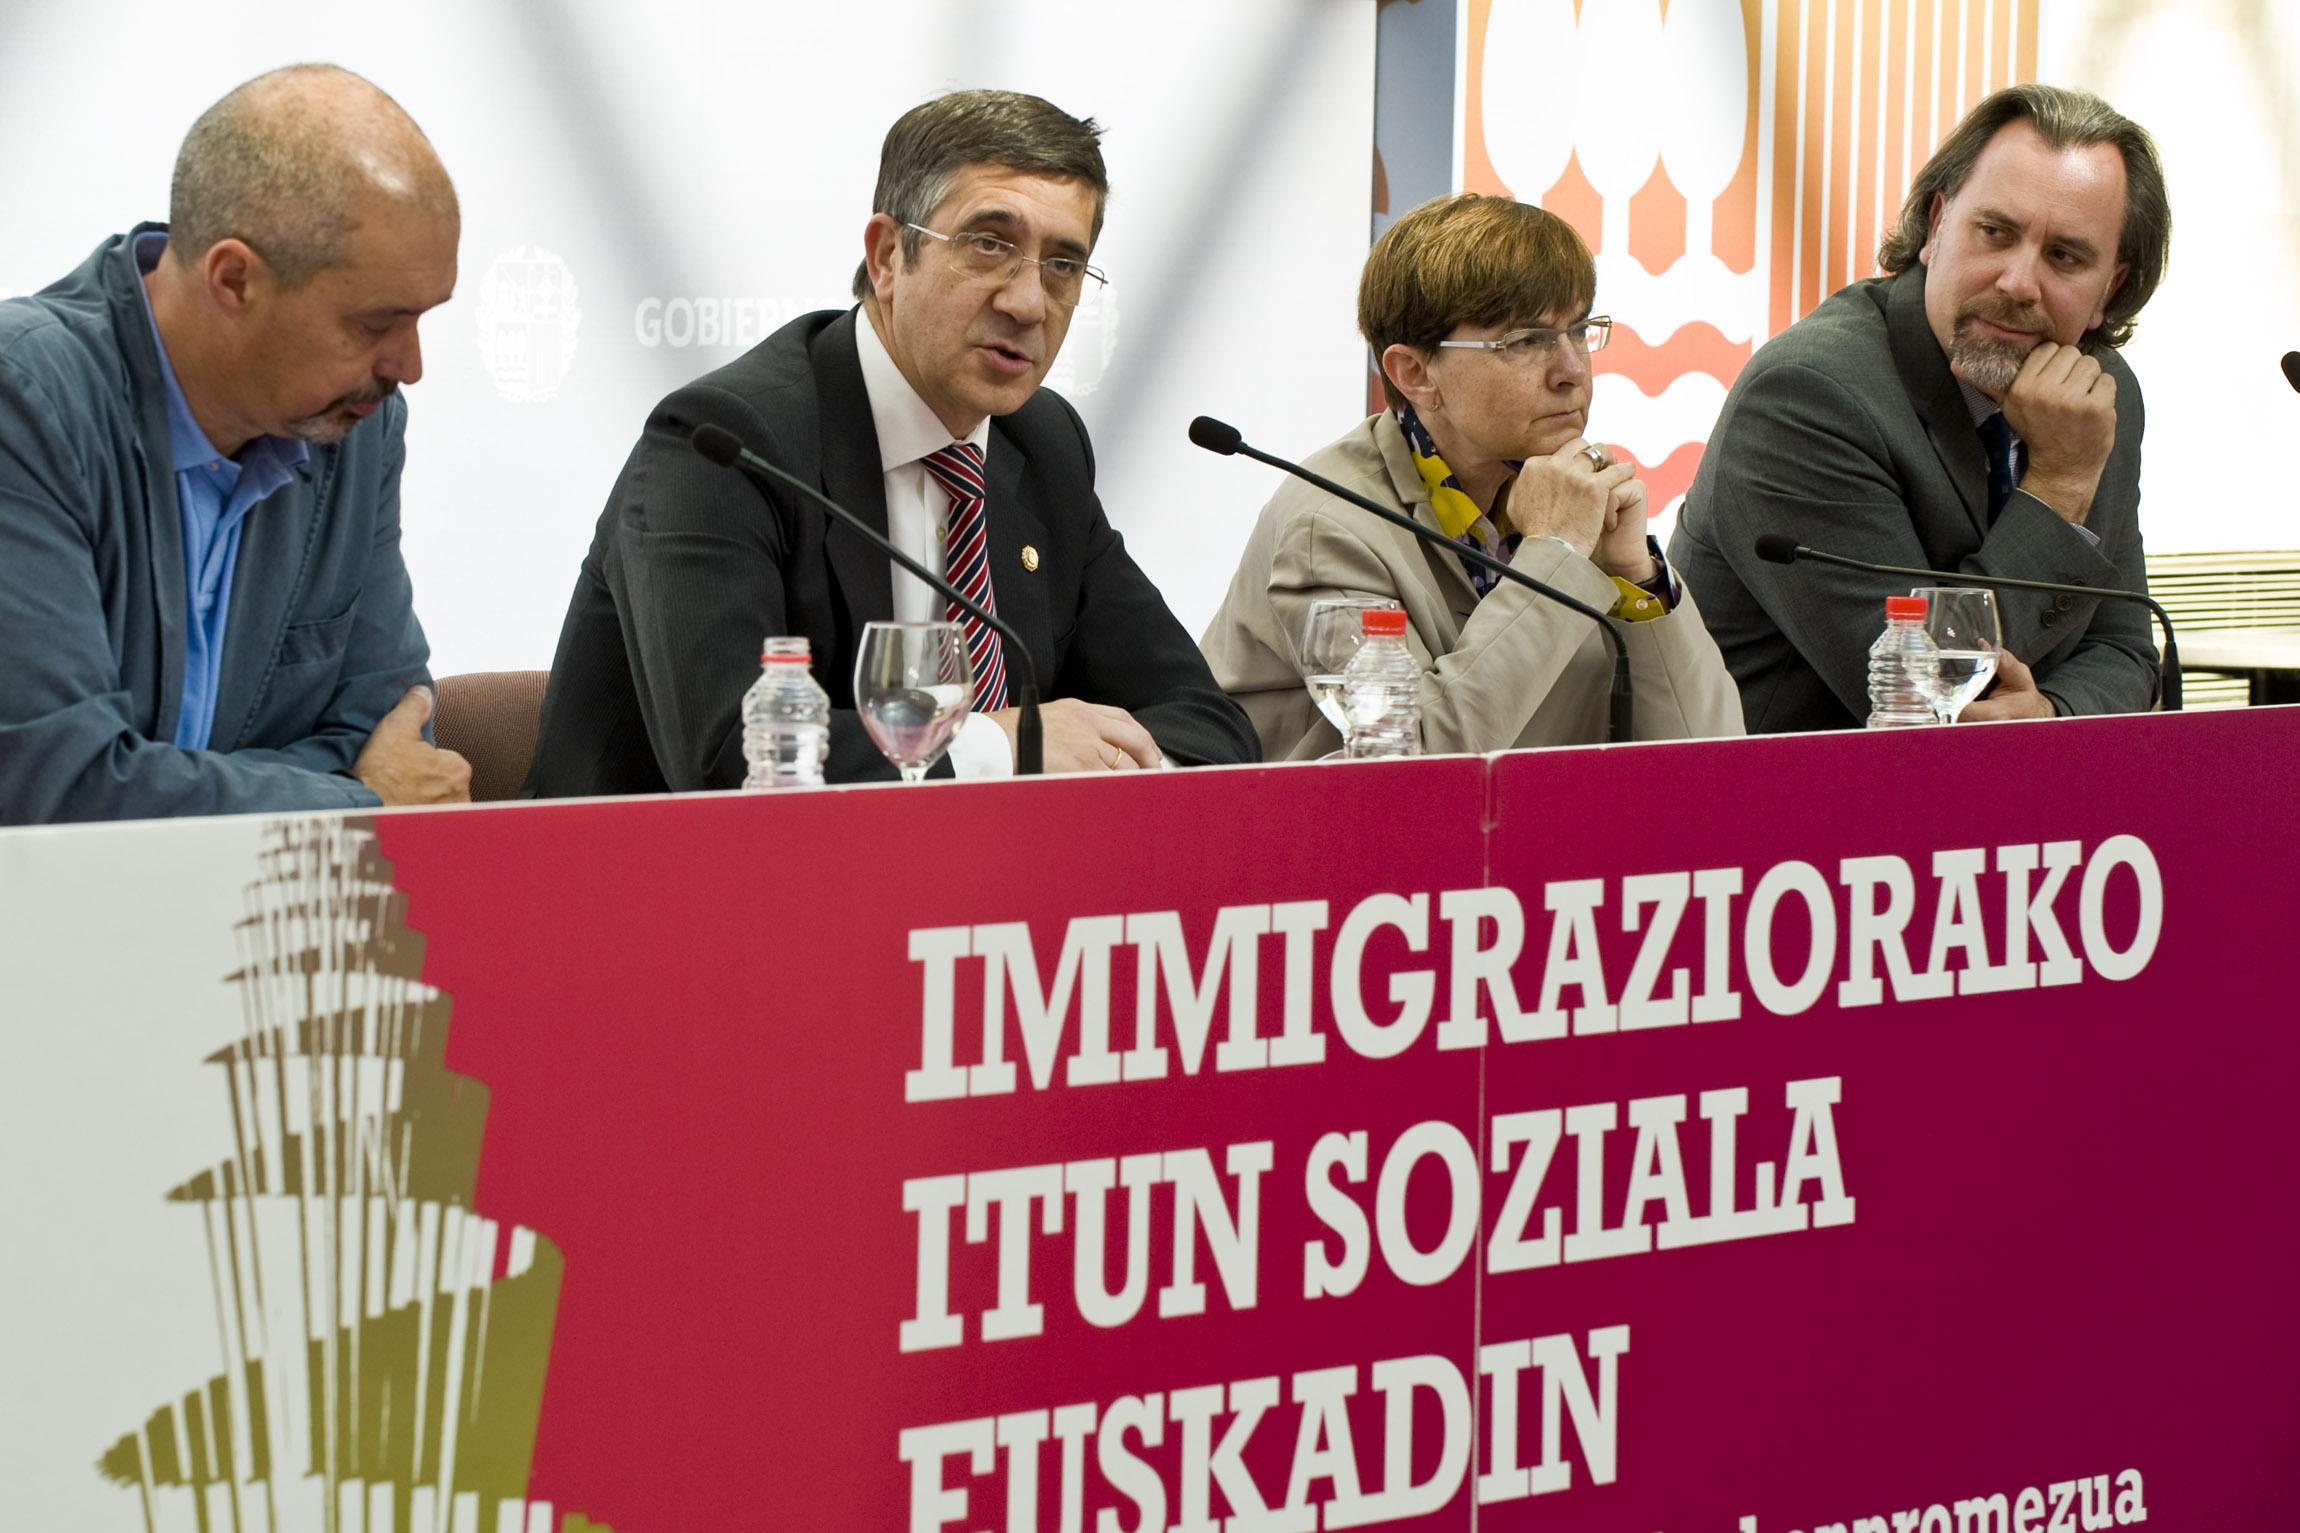 2012_05_09_lehen_inmigracion_037.jpg